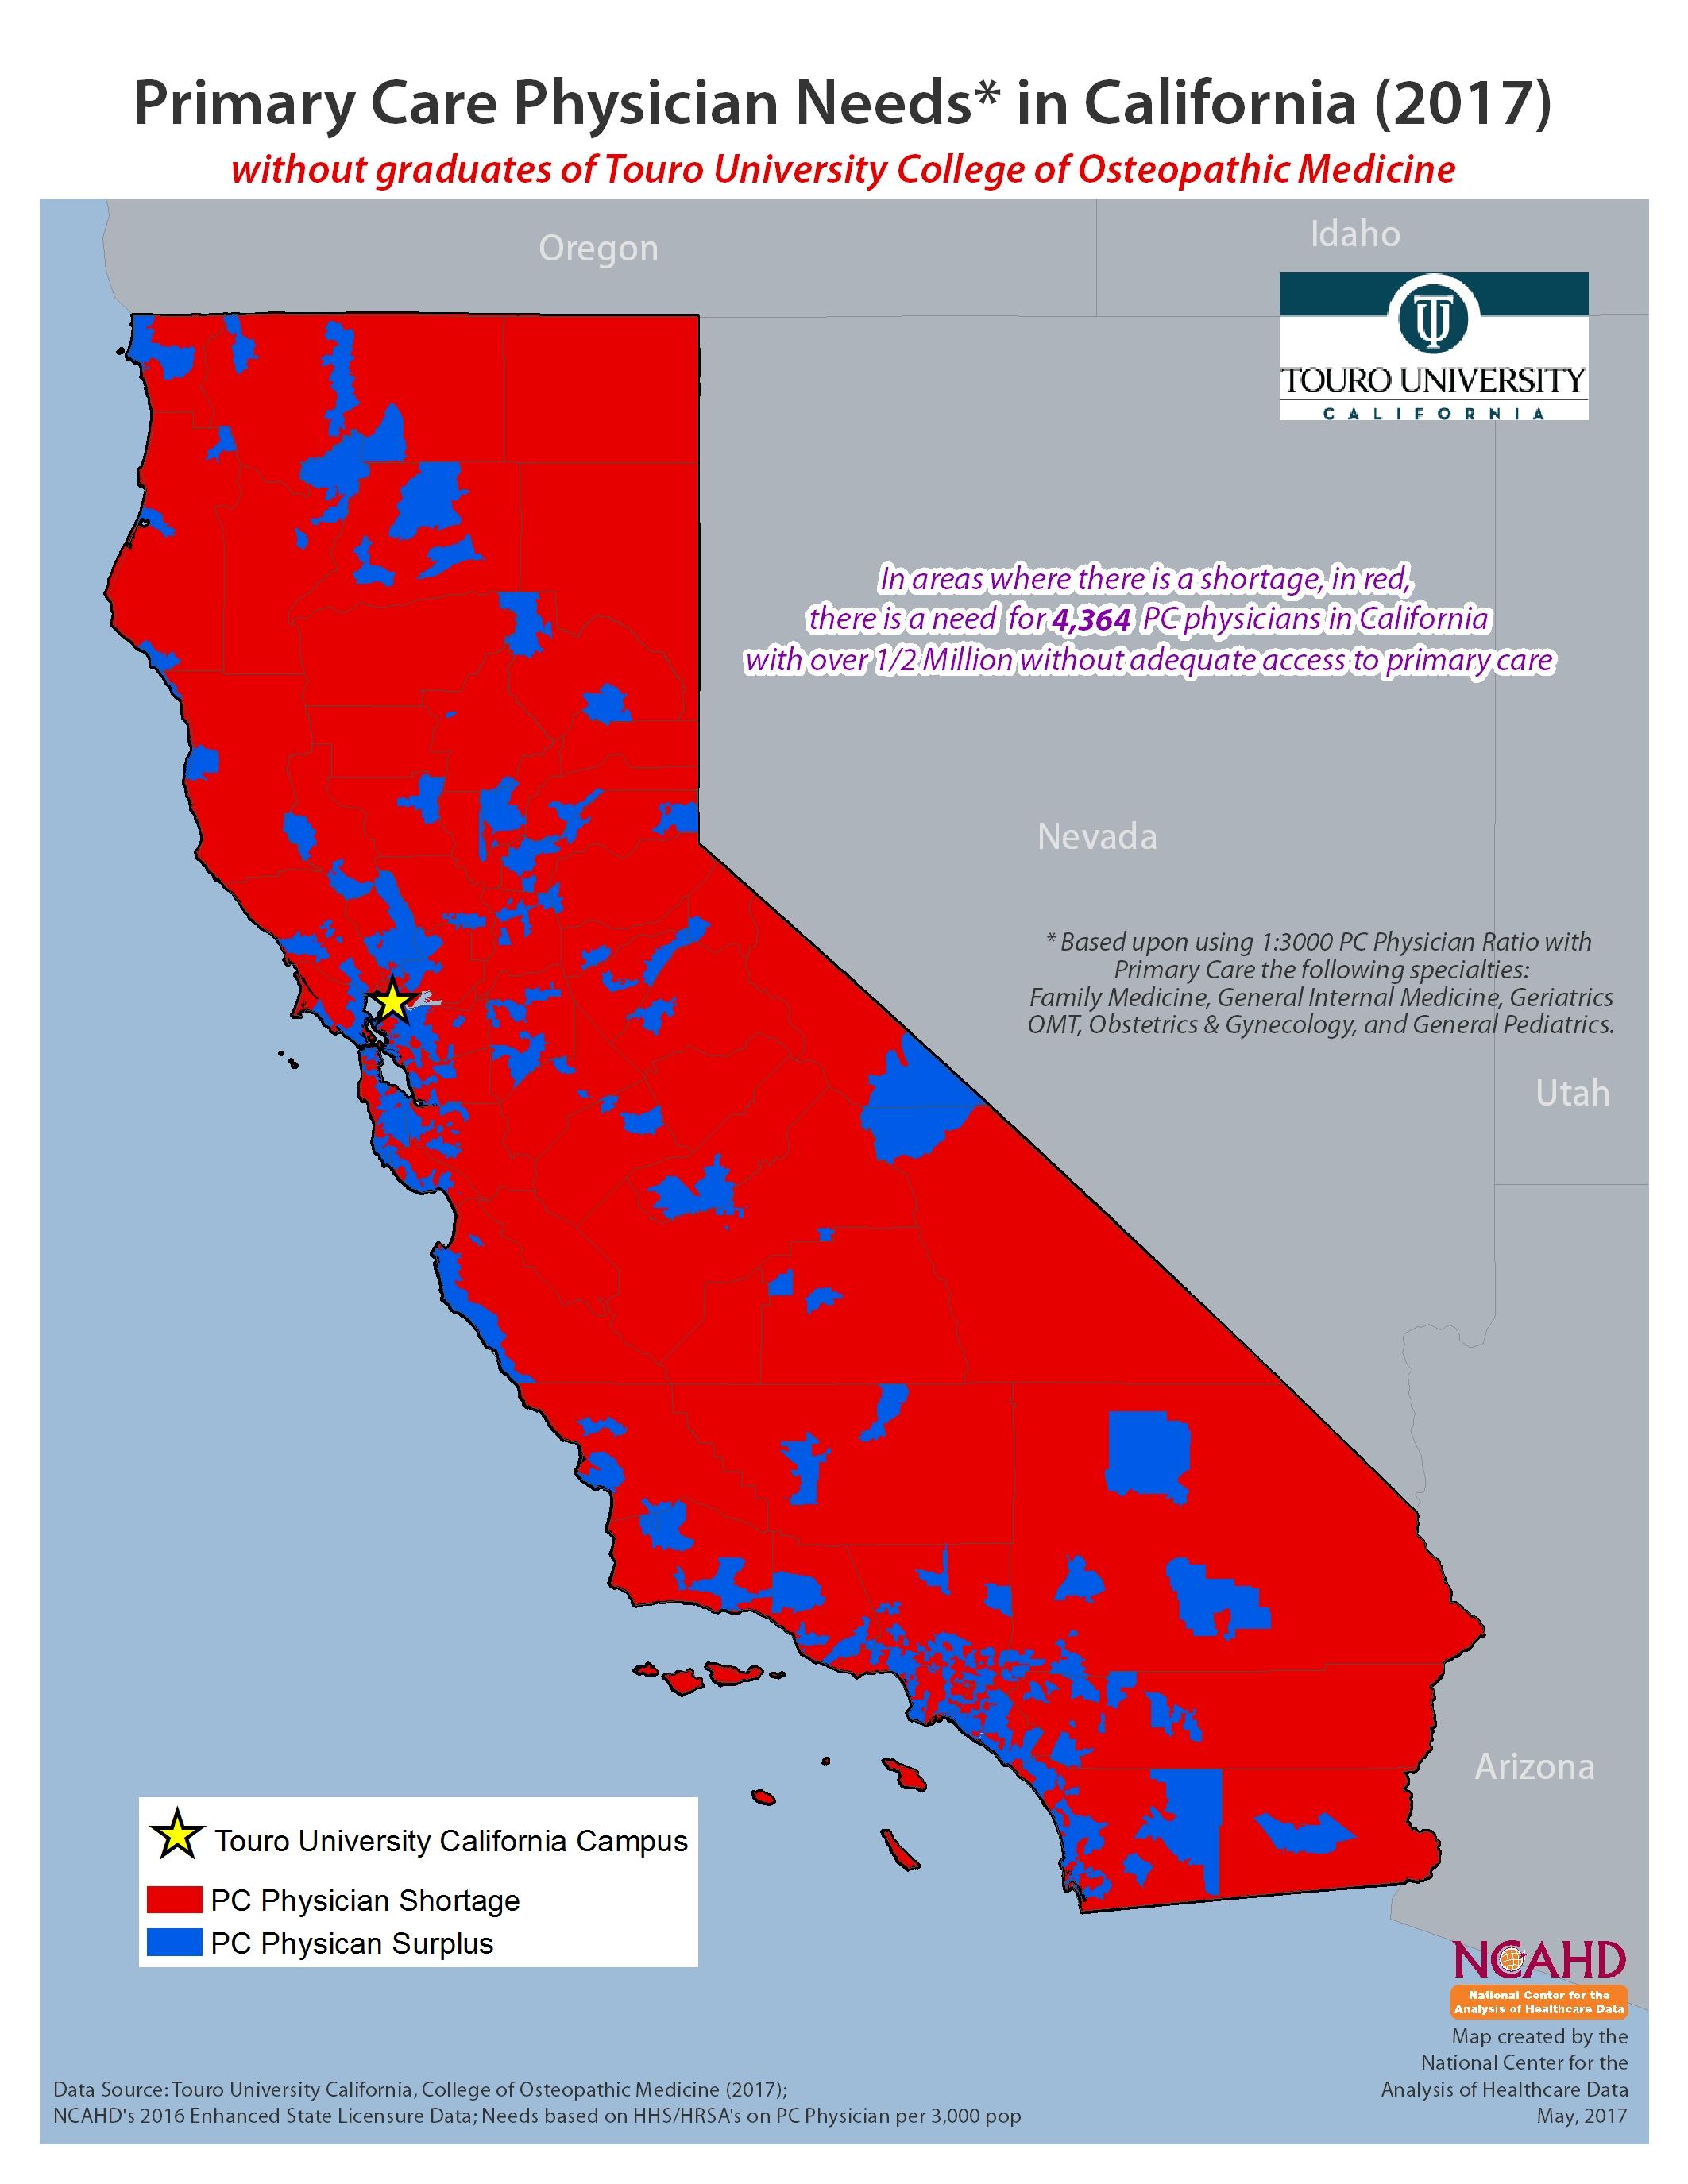 California_PC_Needs_WithoutTouro 2017